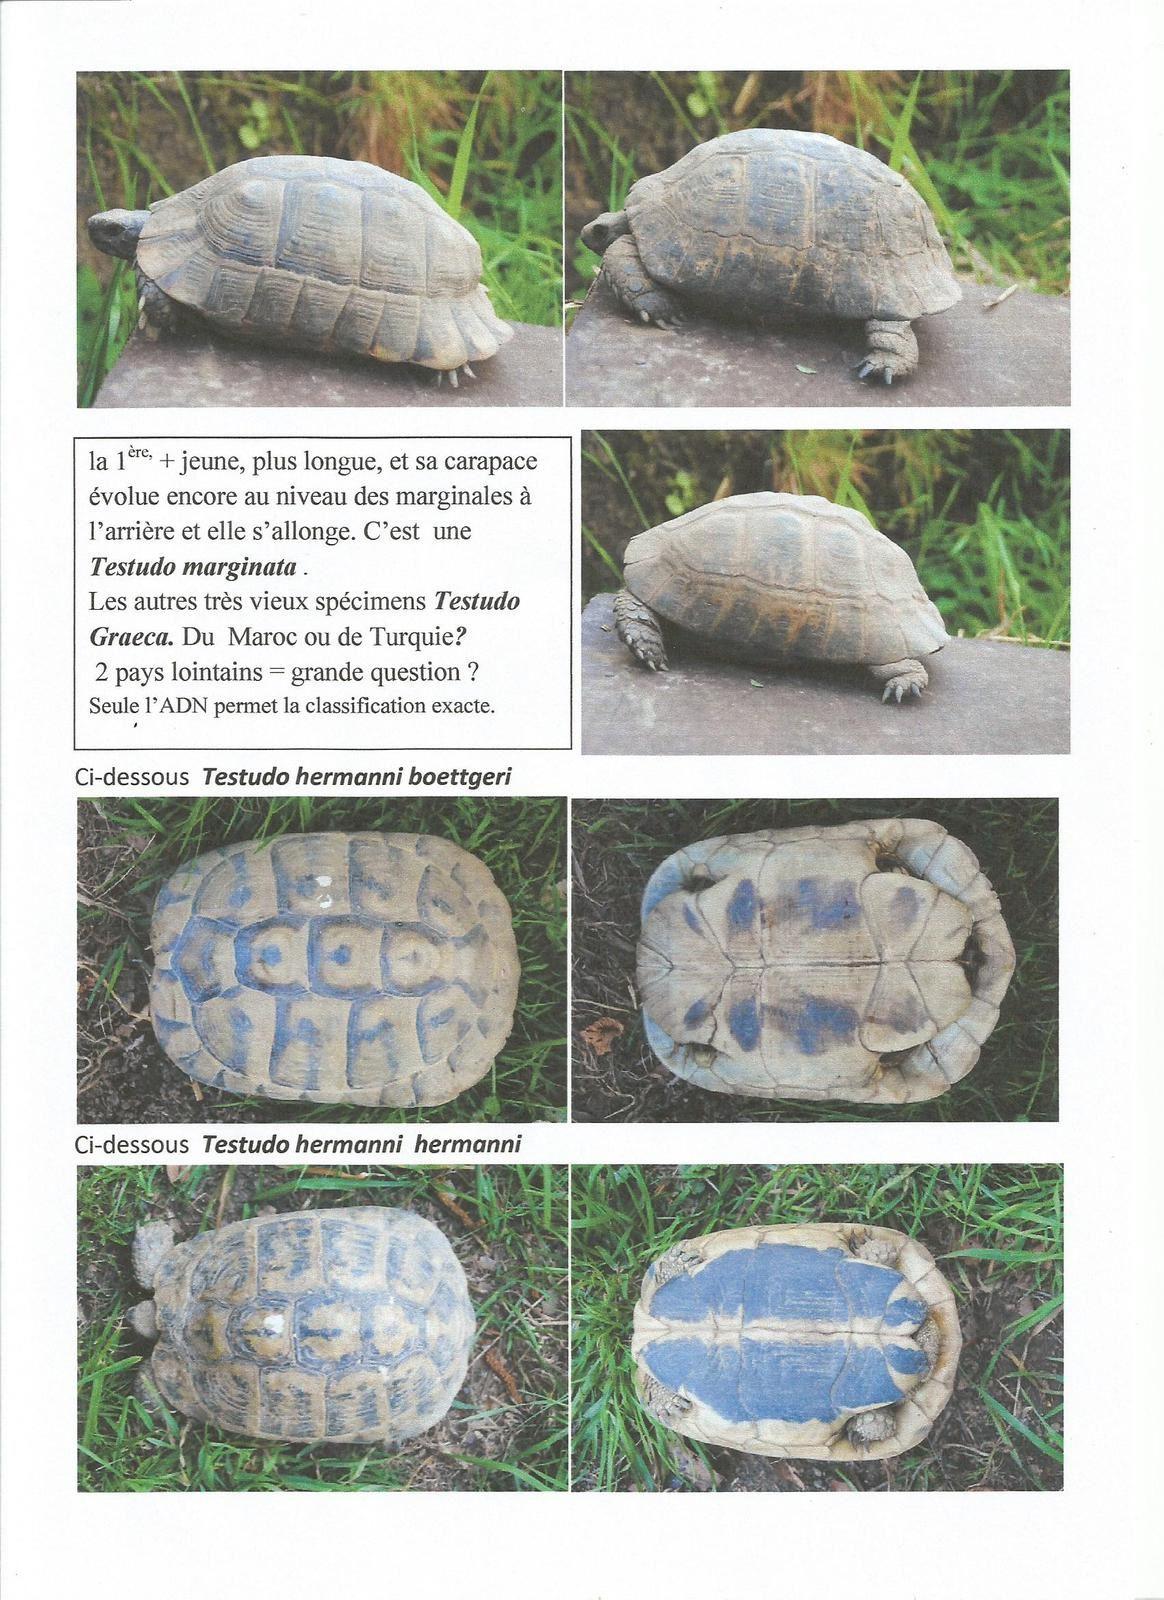 tortue dites Grecques